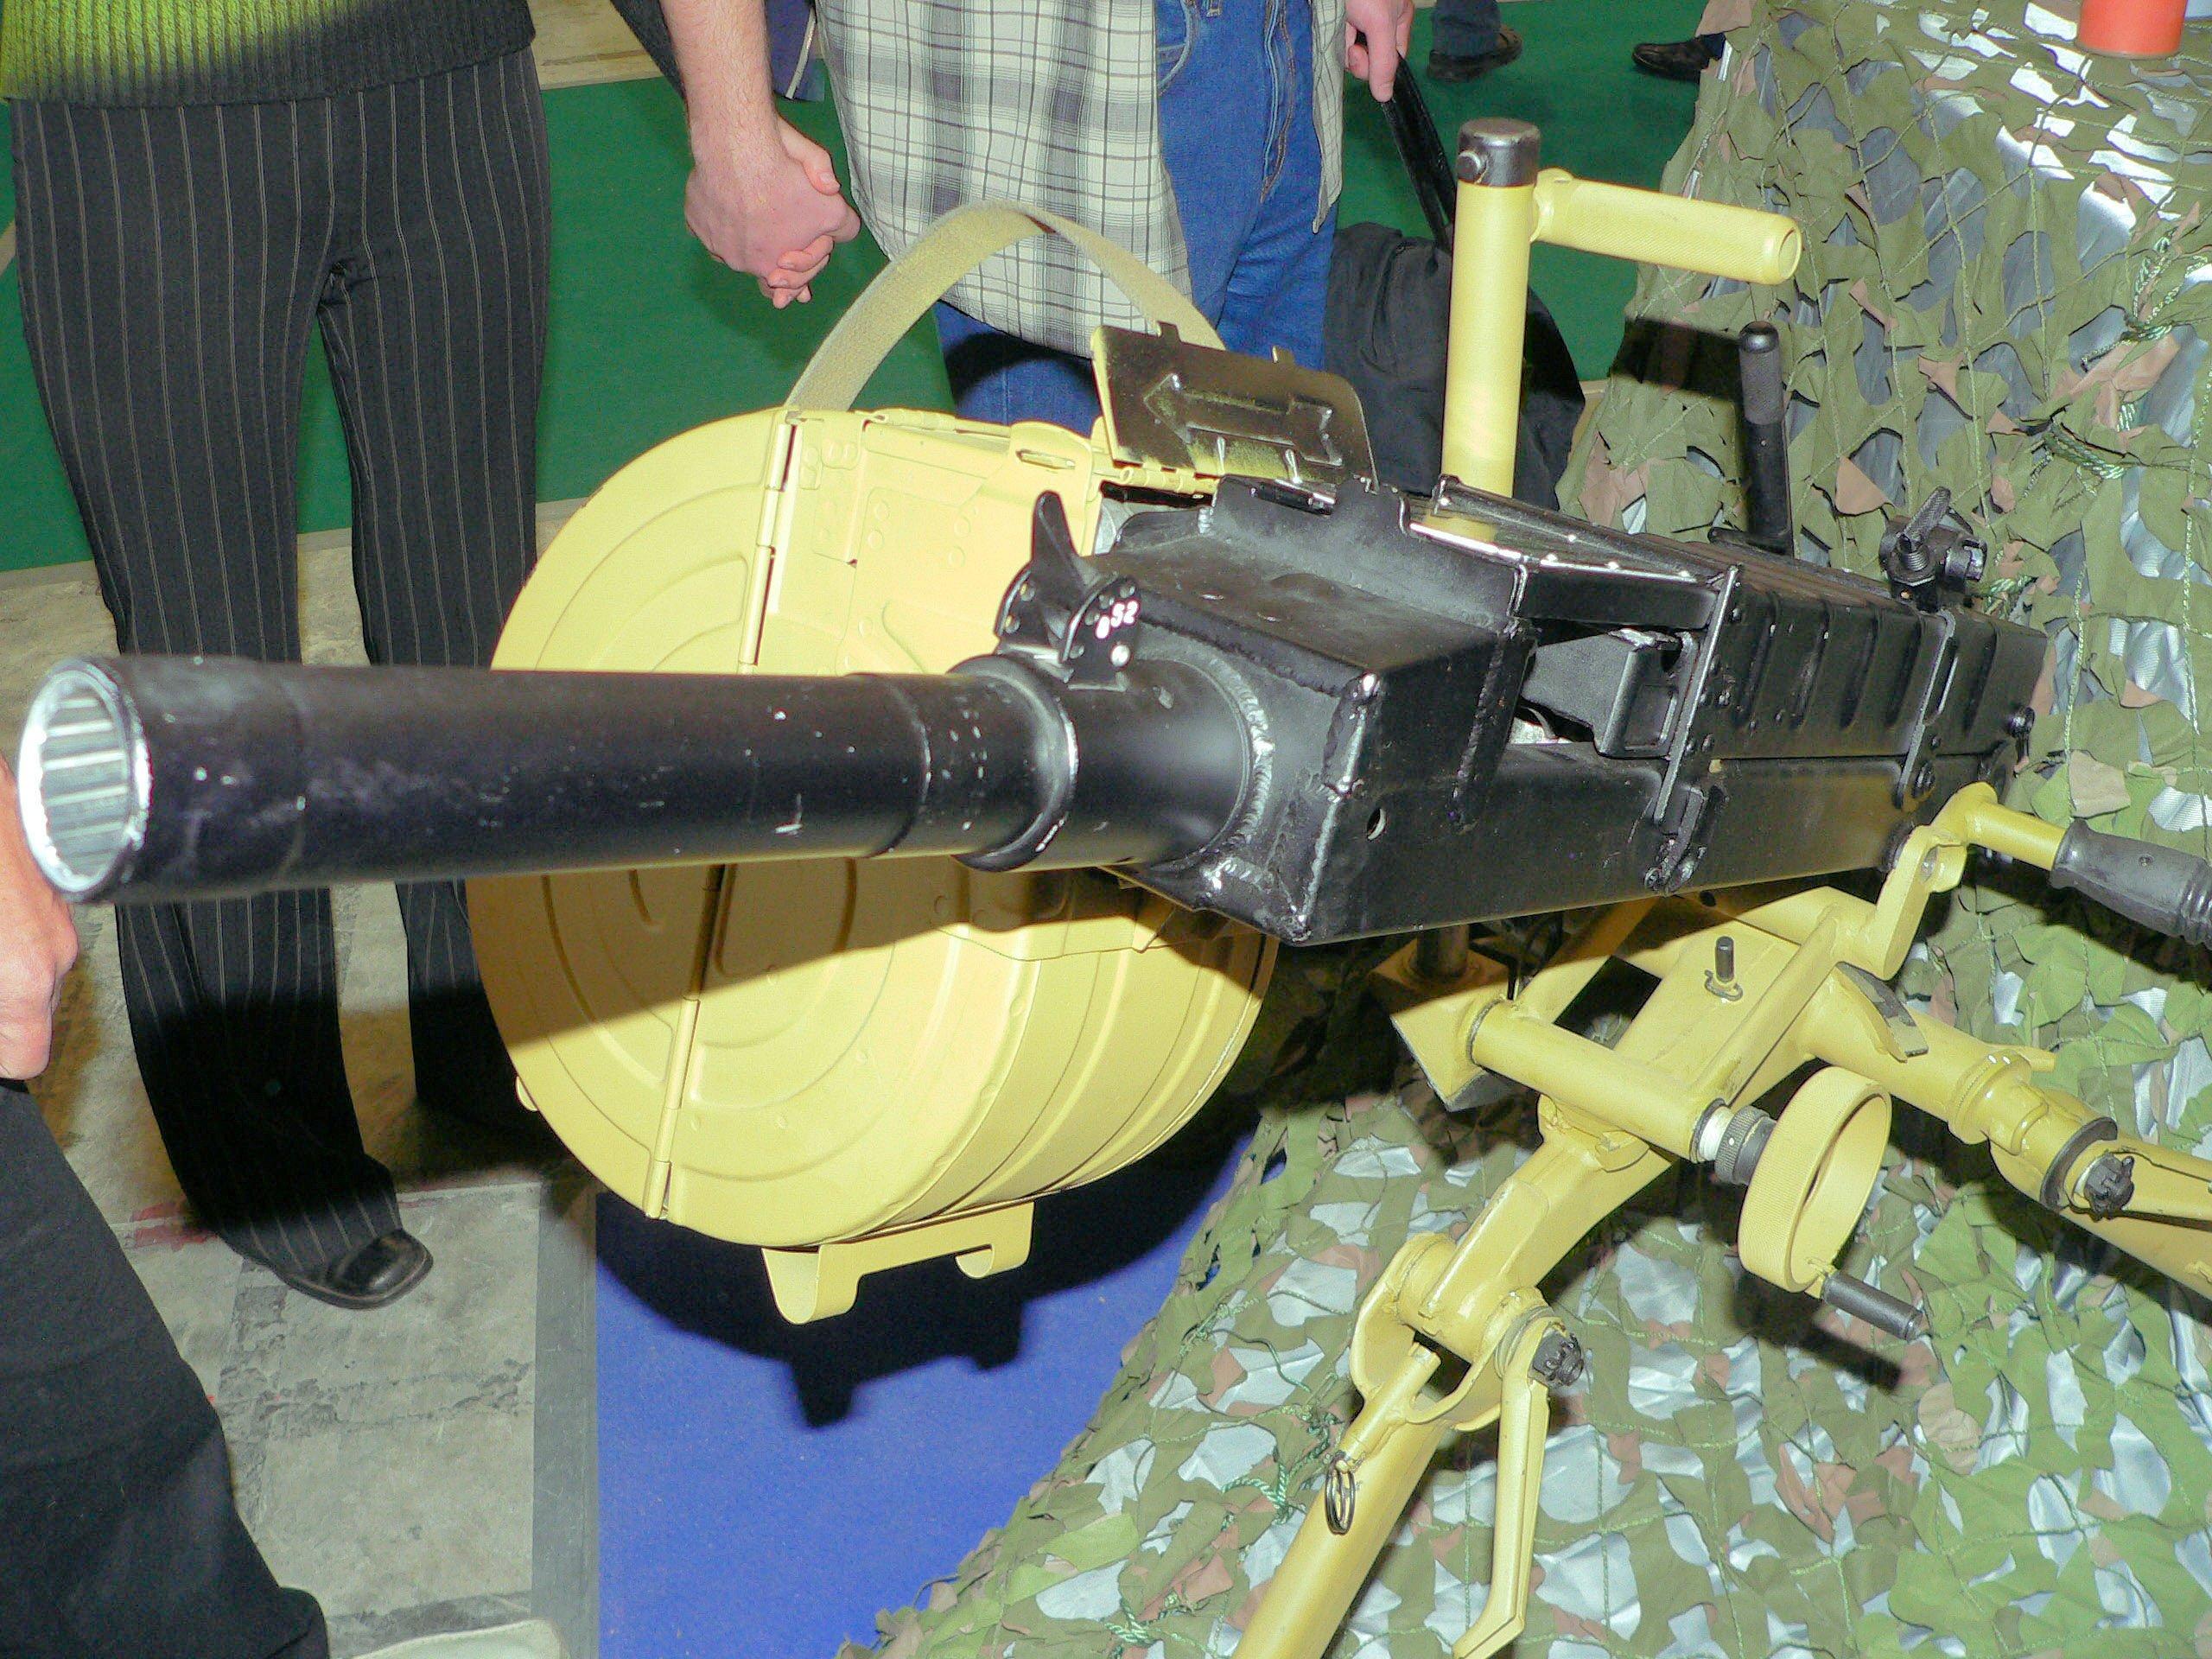 Безударная автоматика затвора АГС-30 повышает точность и кучность стрельбы